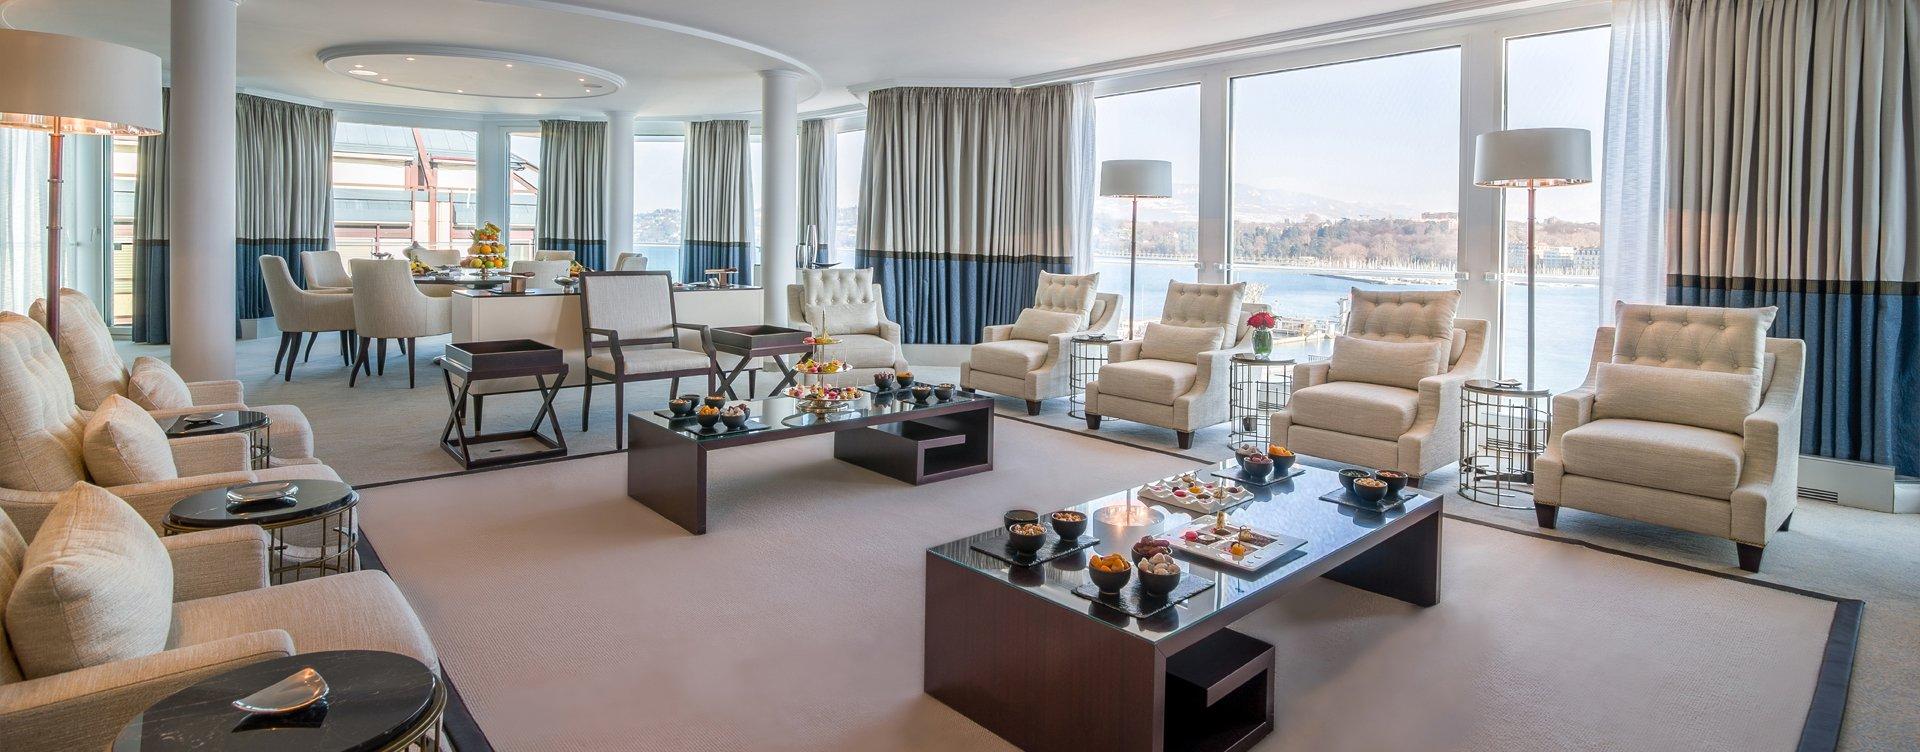 Suites de hotel dignas de palacios